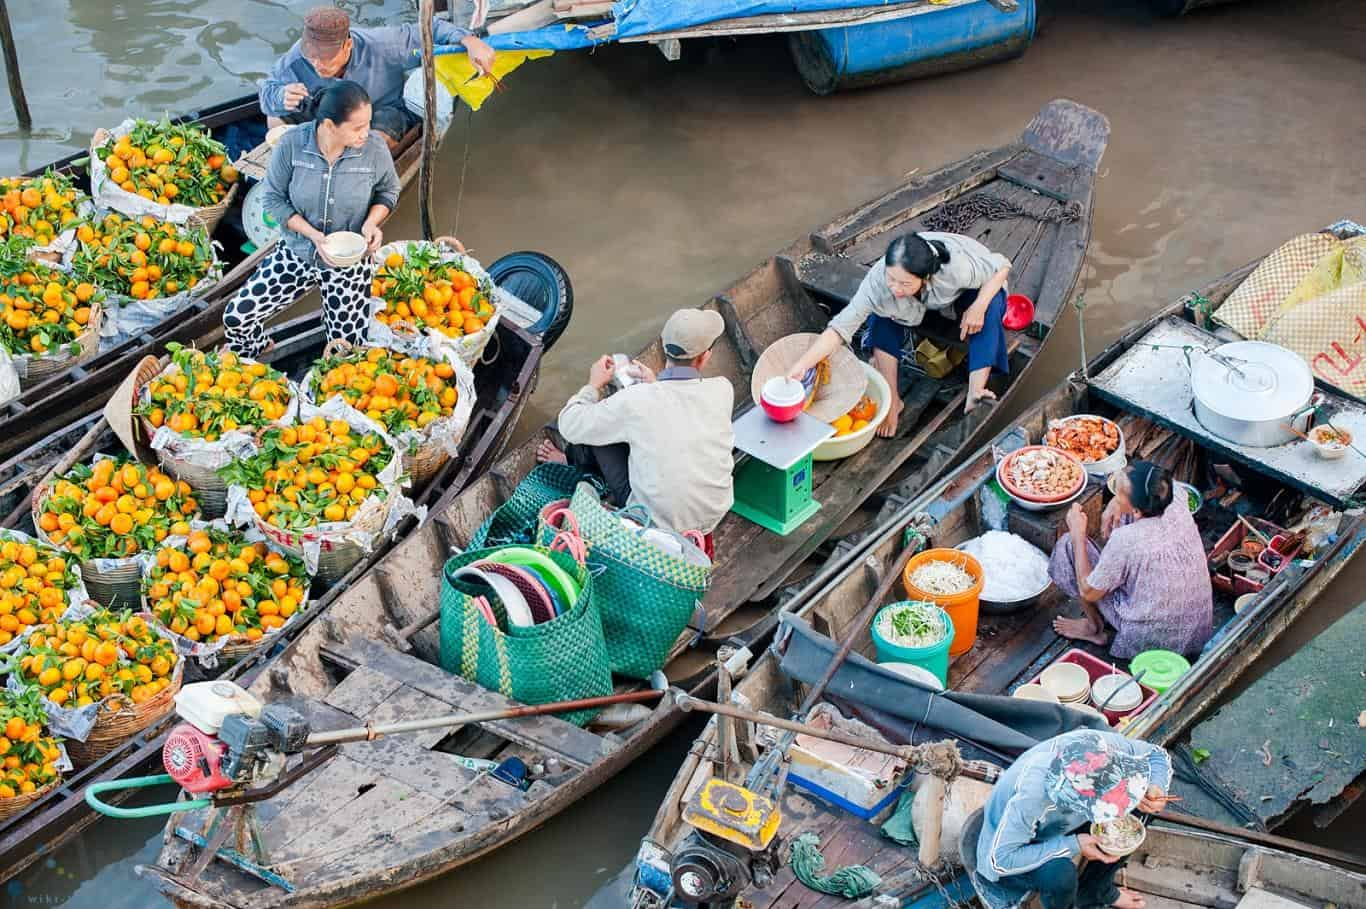 Produits locaux du marché flottant de Cai Rang